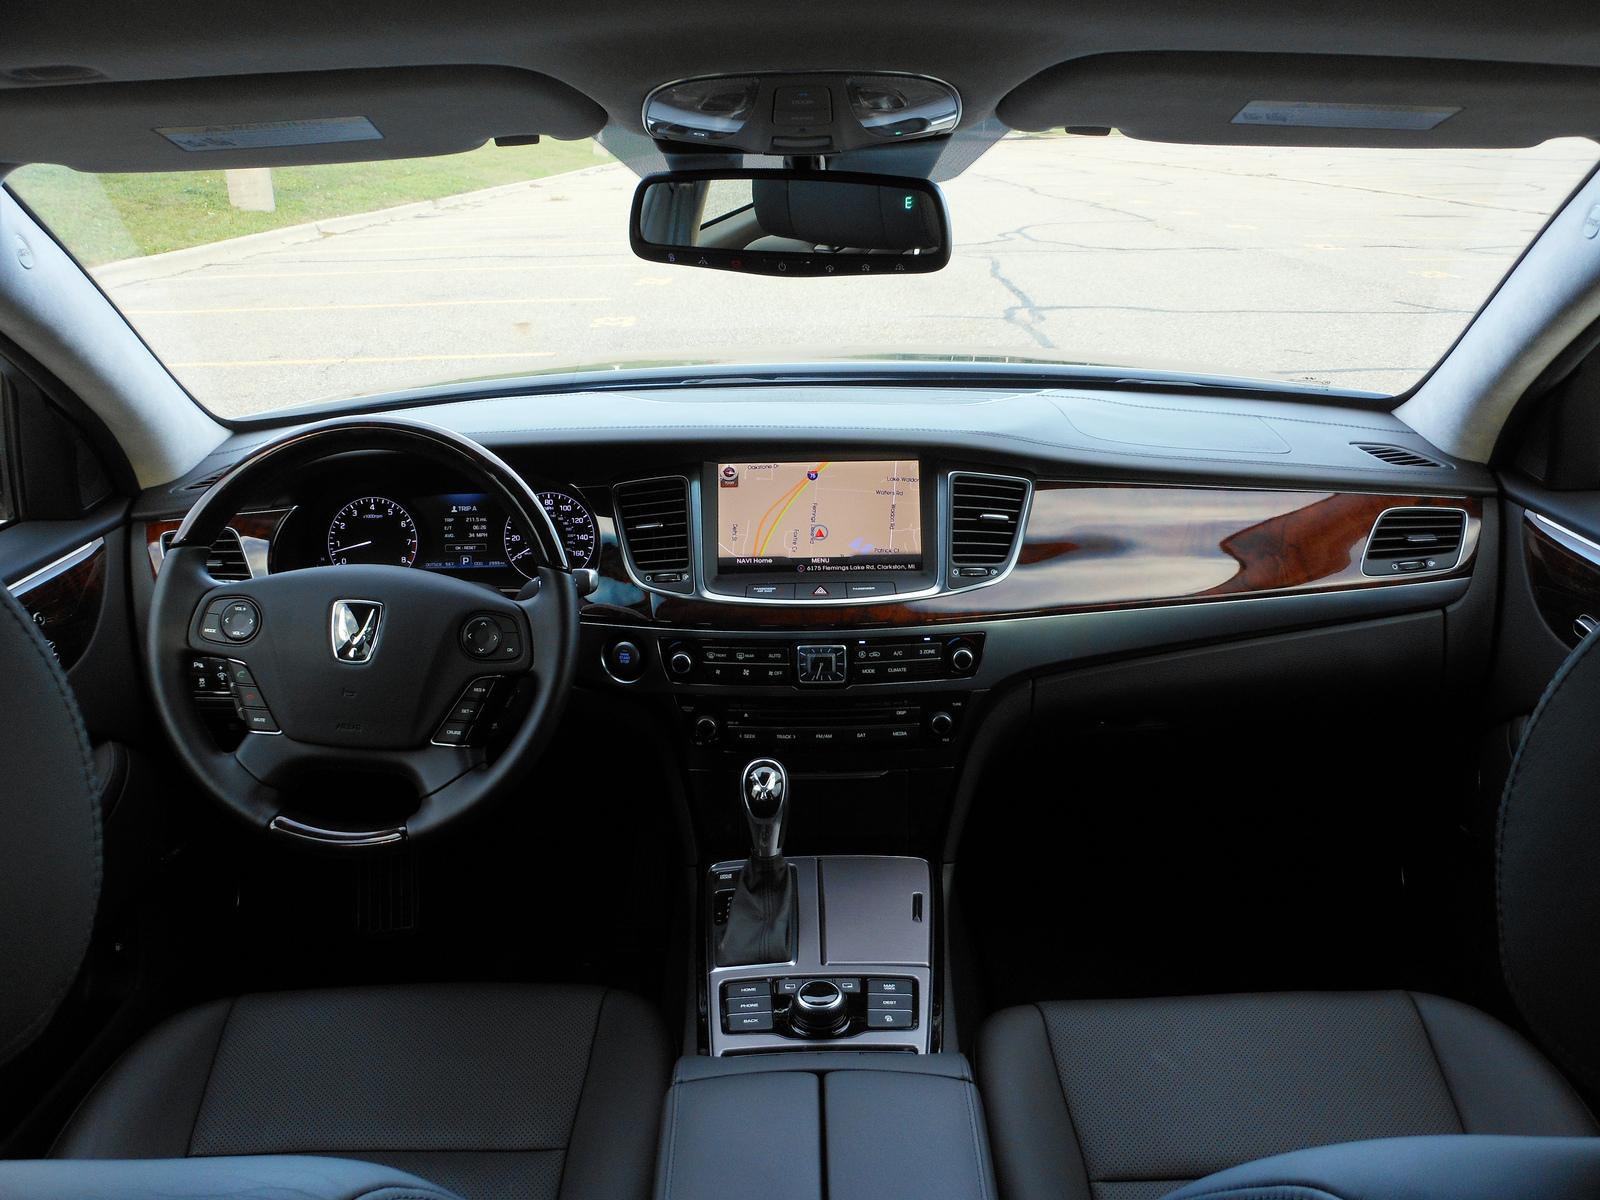 Hyundai Equus 2014